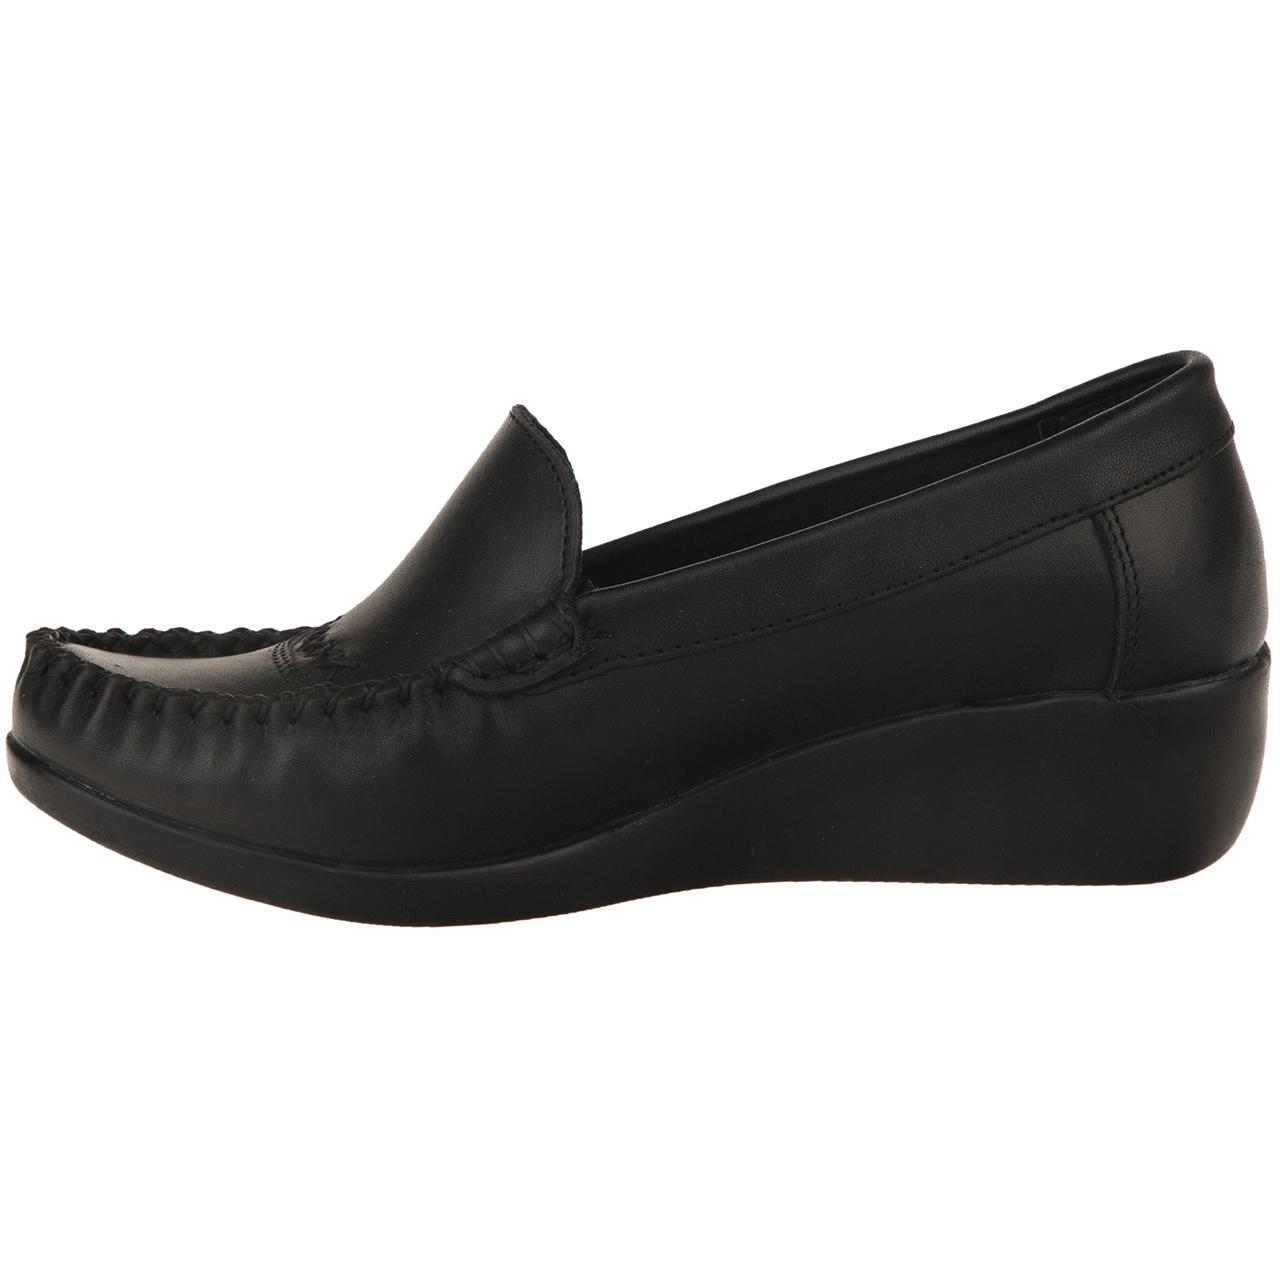 تصویر کفش چرم طبی زنانه آفتاب مشکی مدل 004